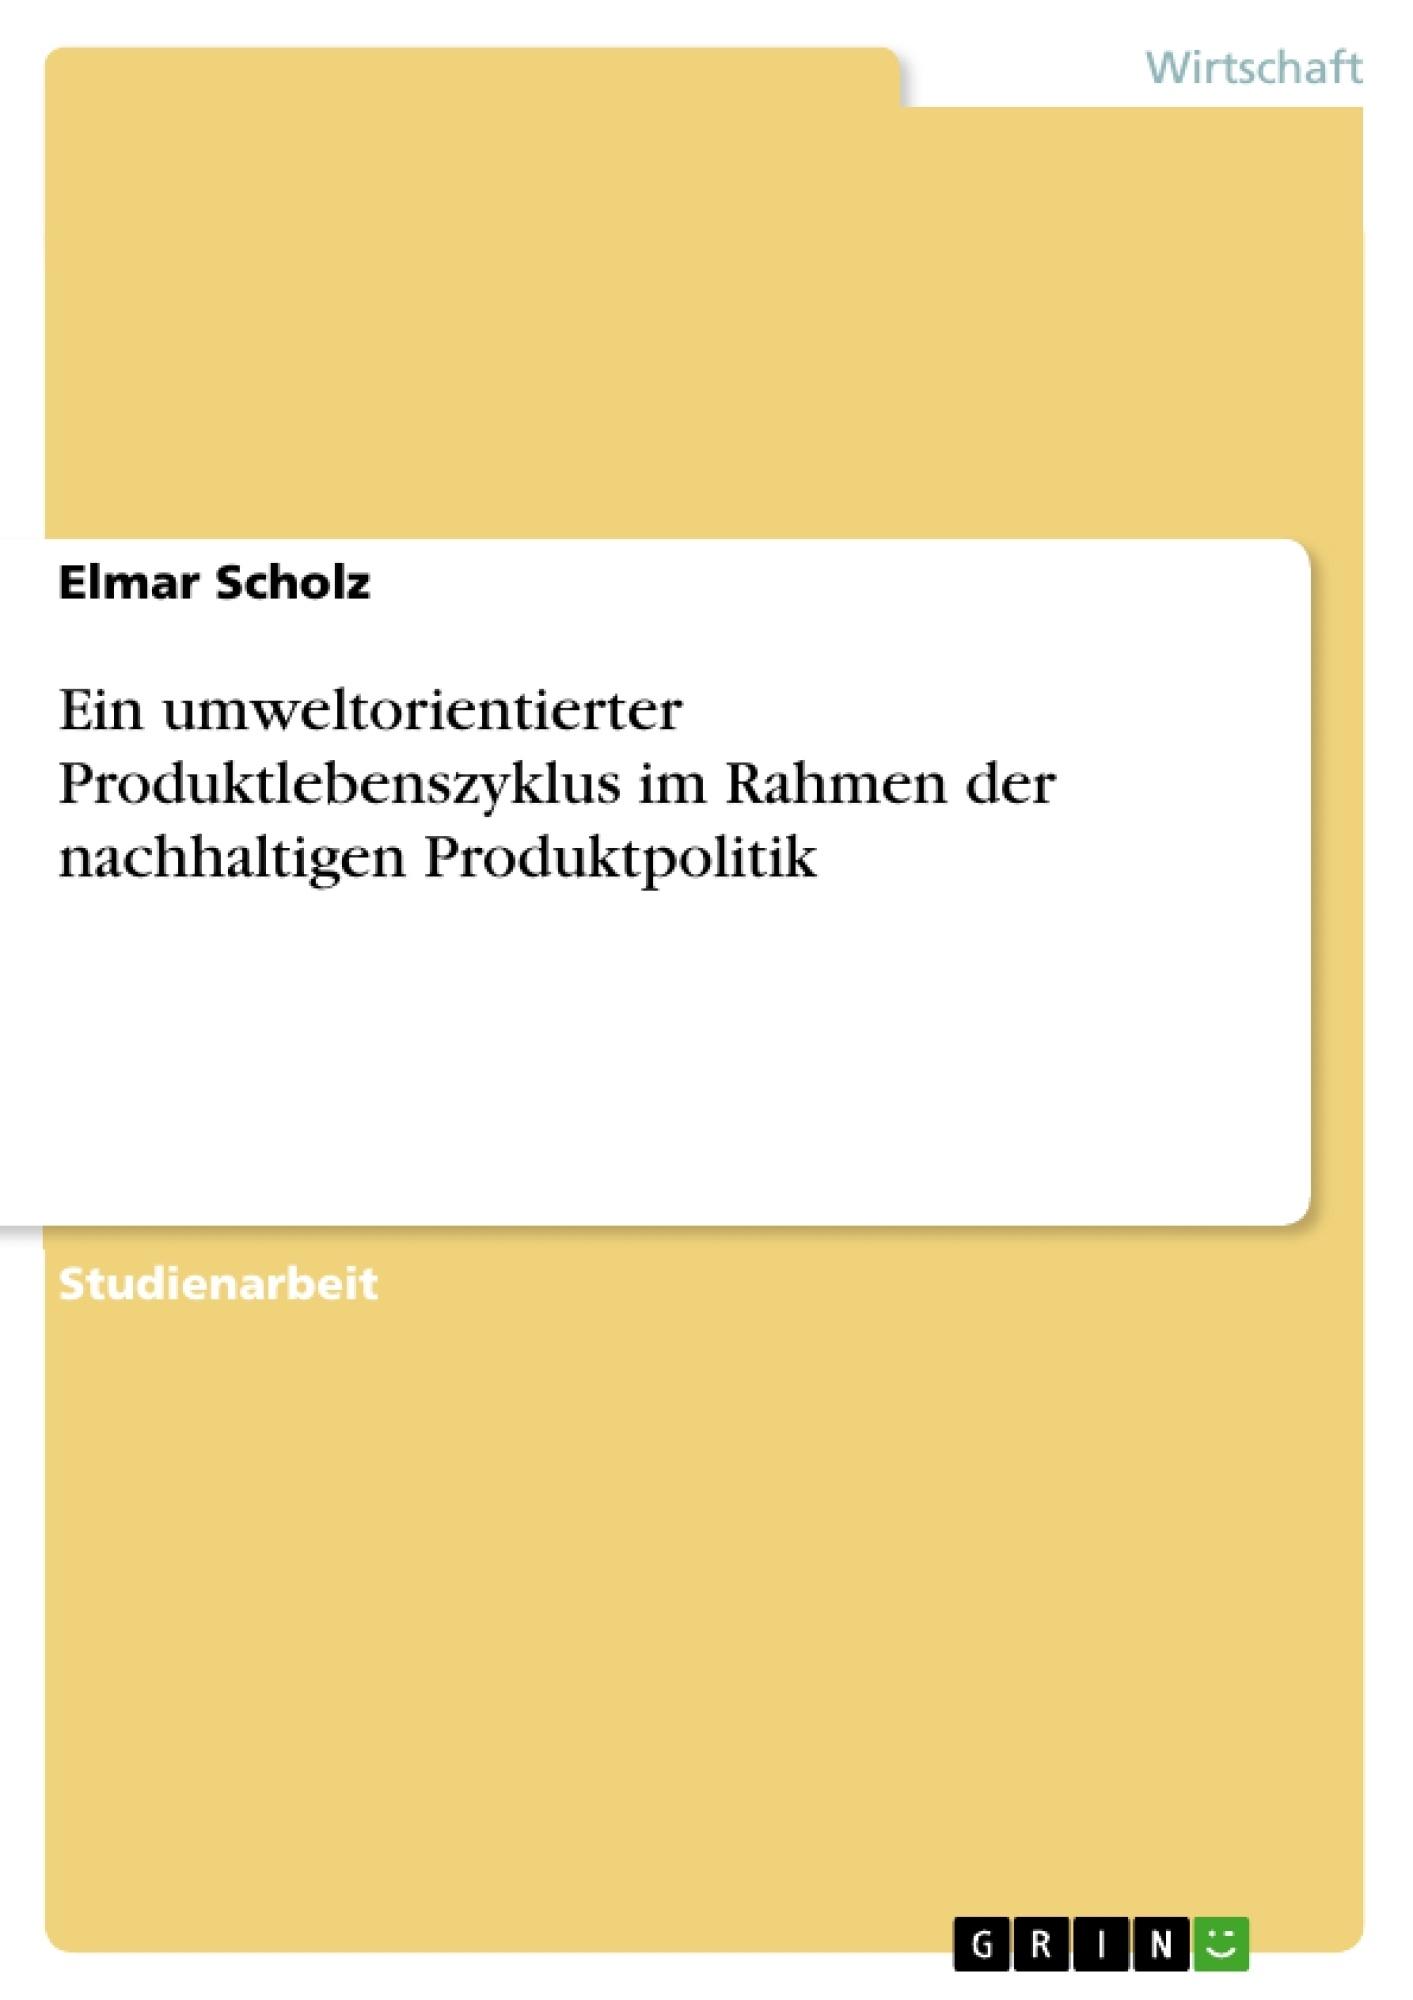 Titel: Ein umweltorientierter Produktlebenszyklus im Rahmen der nachhaltigen Produktpolitik